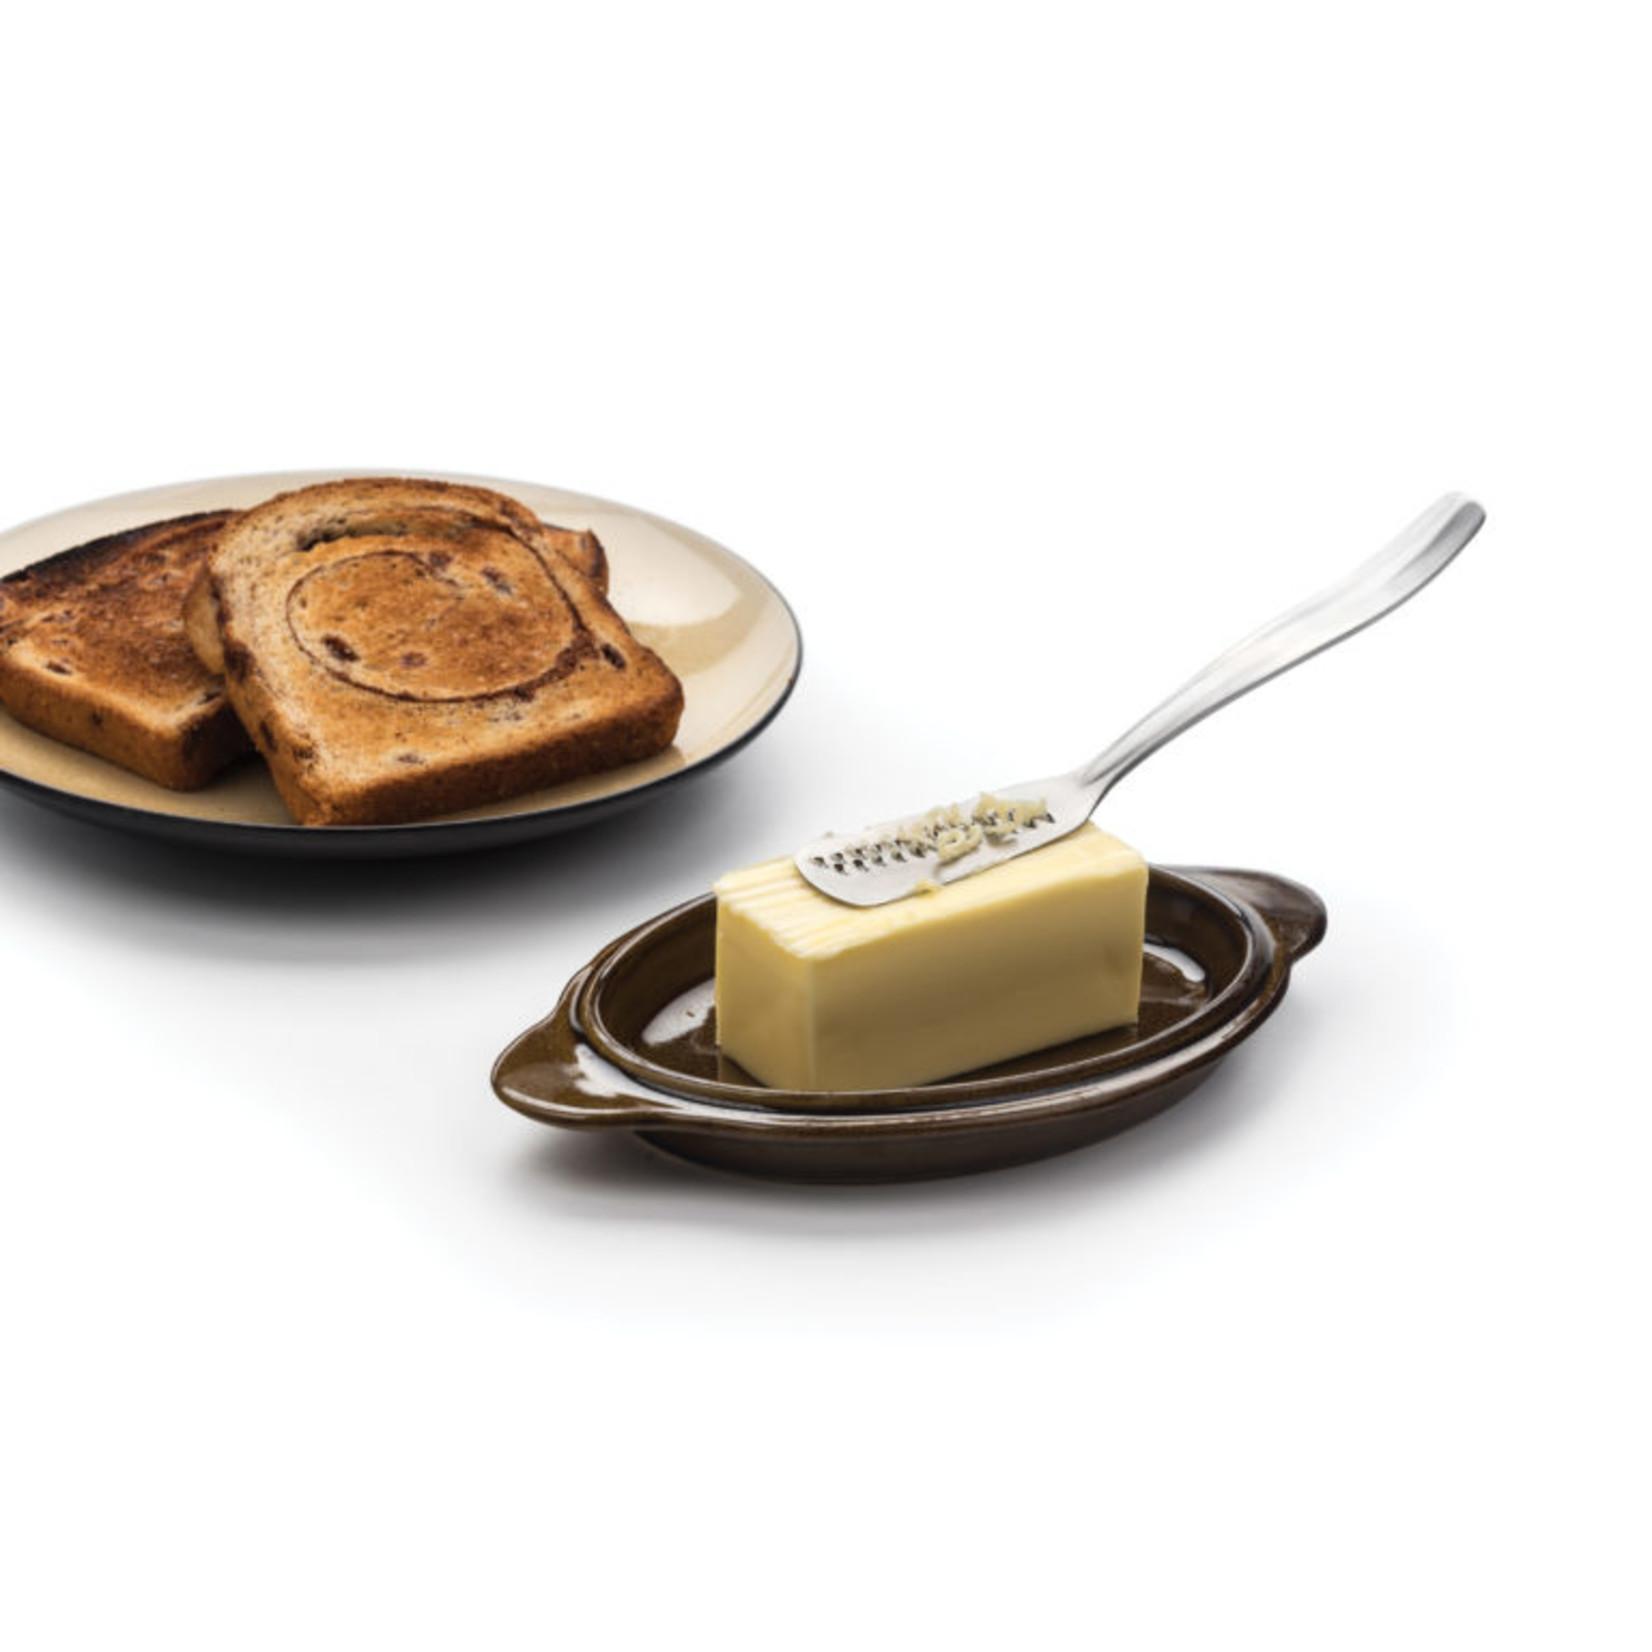 RSVP International Endurance Butter Shaver